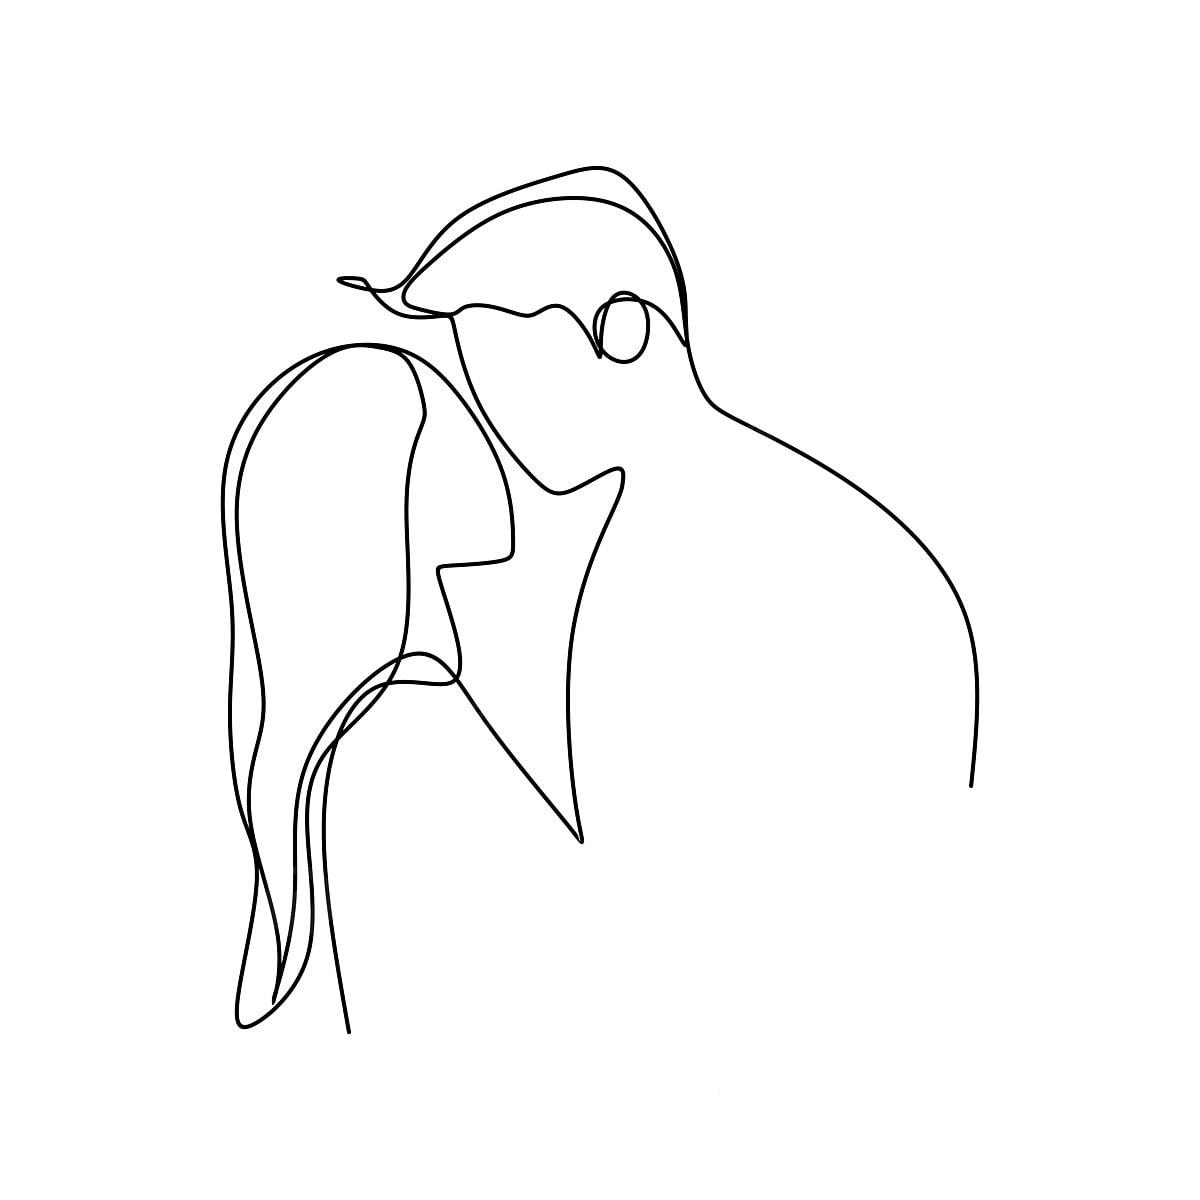 980 Gambar Lukisan Romantis Yang Mudah Terbaik